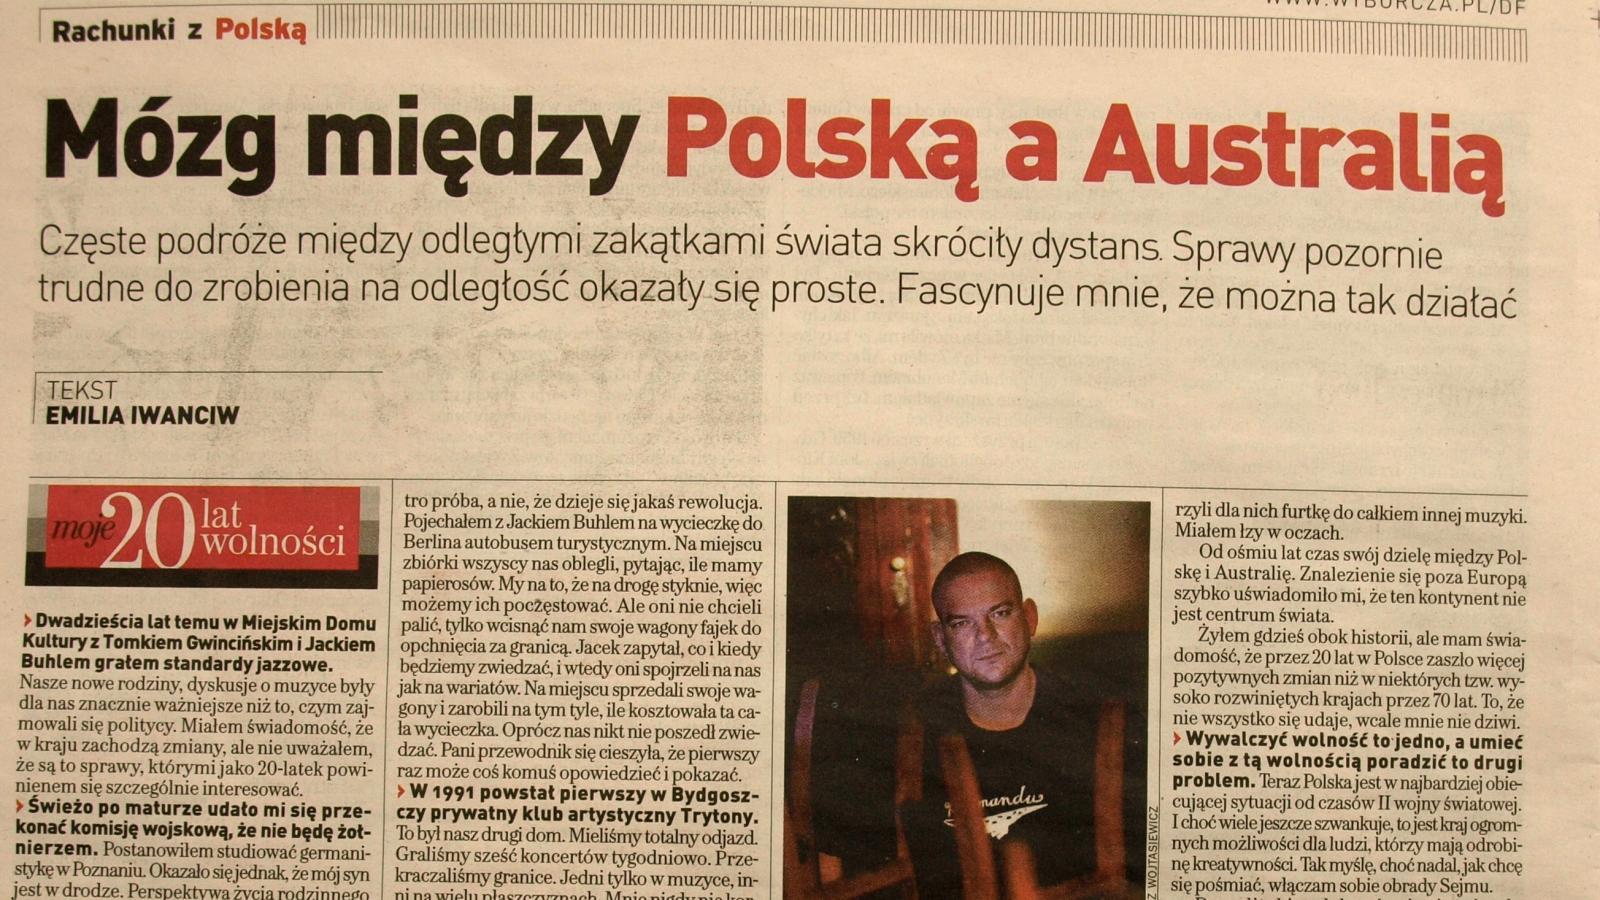 http://mozg.nazwa.pl/mozg_art_pl/archiwum/import/zbyziel/Janicki-Mozg-pomiedzy-Polska-a-Australia_3231200.JPG